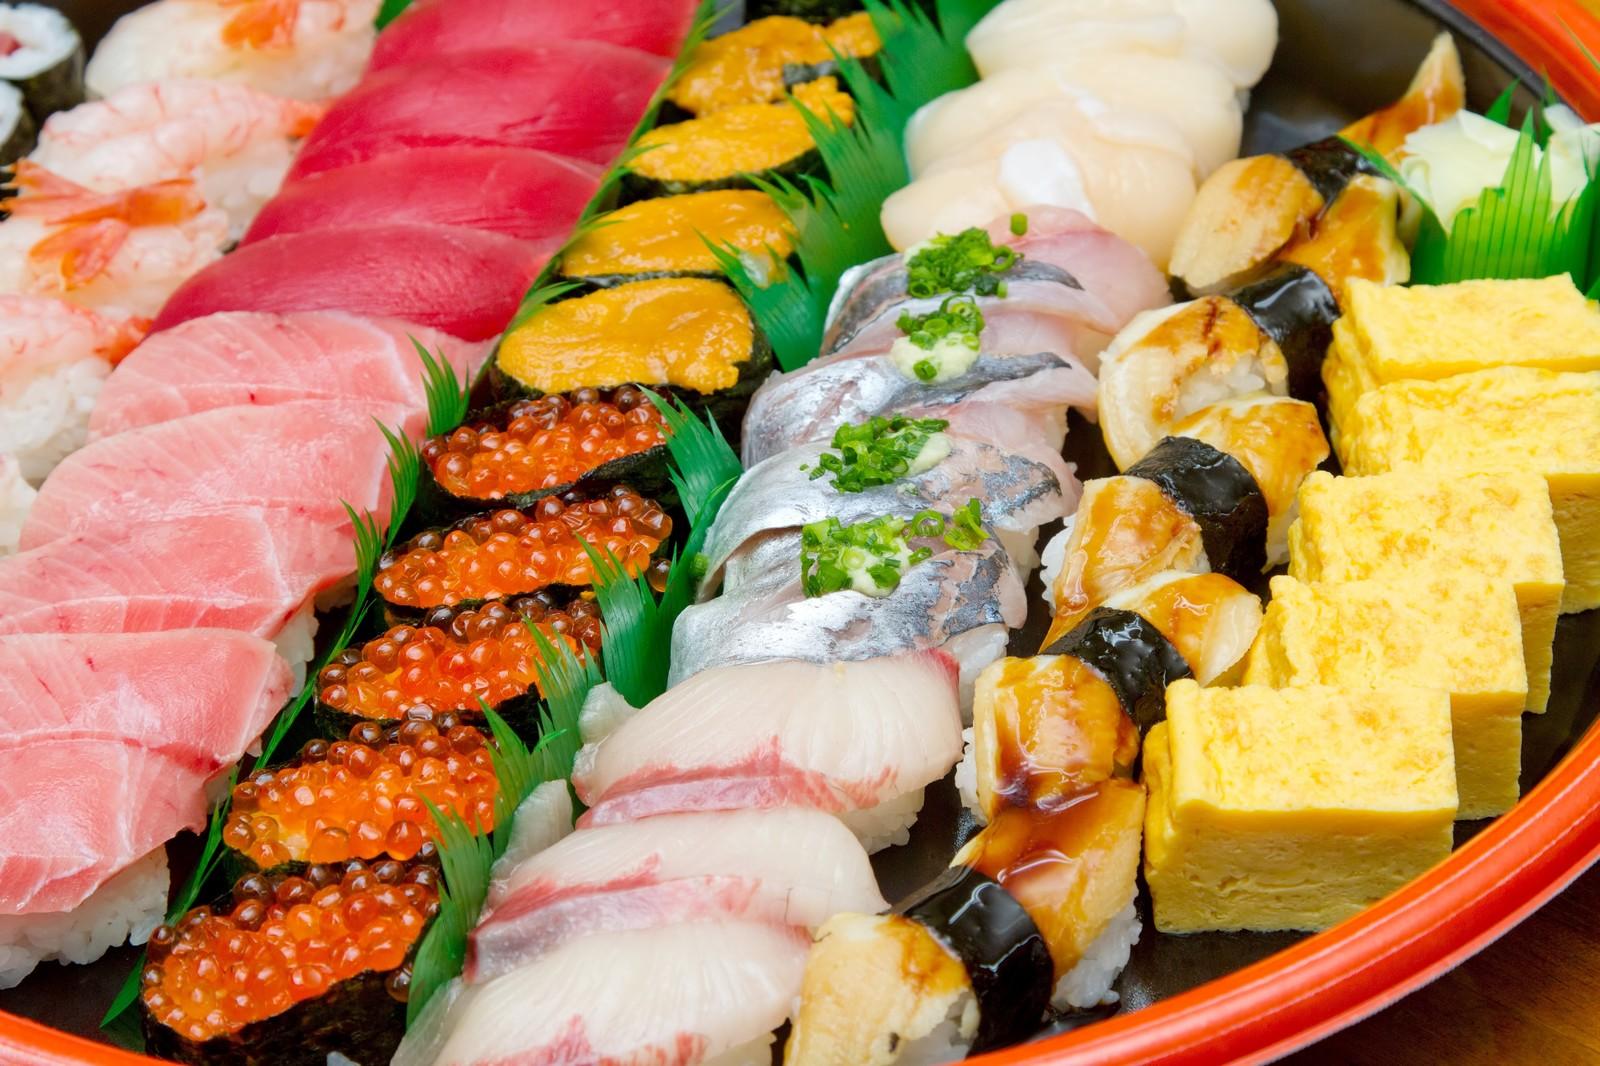 寄生蟲不要來!生魚片中含蟲風險特別高的魚種總整理,三思而吃吧!